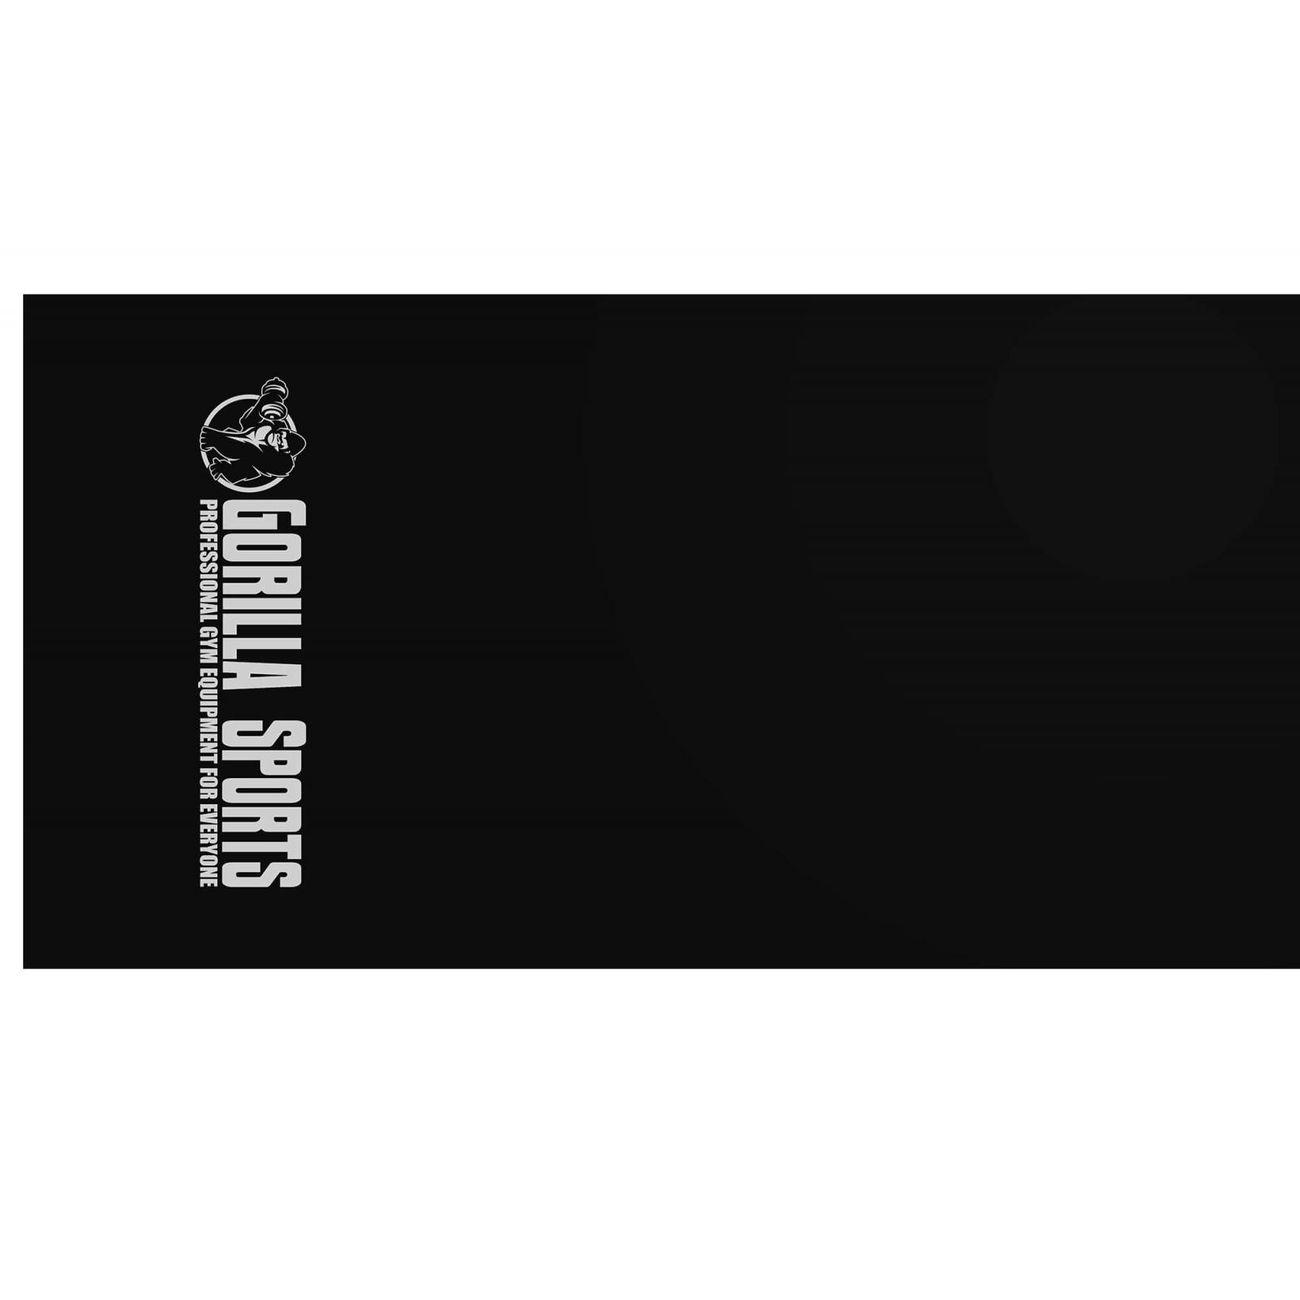 Fitness  GORILLA Gorilla Sports - Bandes de fitness - 2 longueurs : 120 ou 200 cm - 5 couleurs - Epaisseurs de 0.25 cm à 0.65 cm